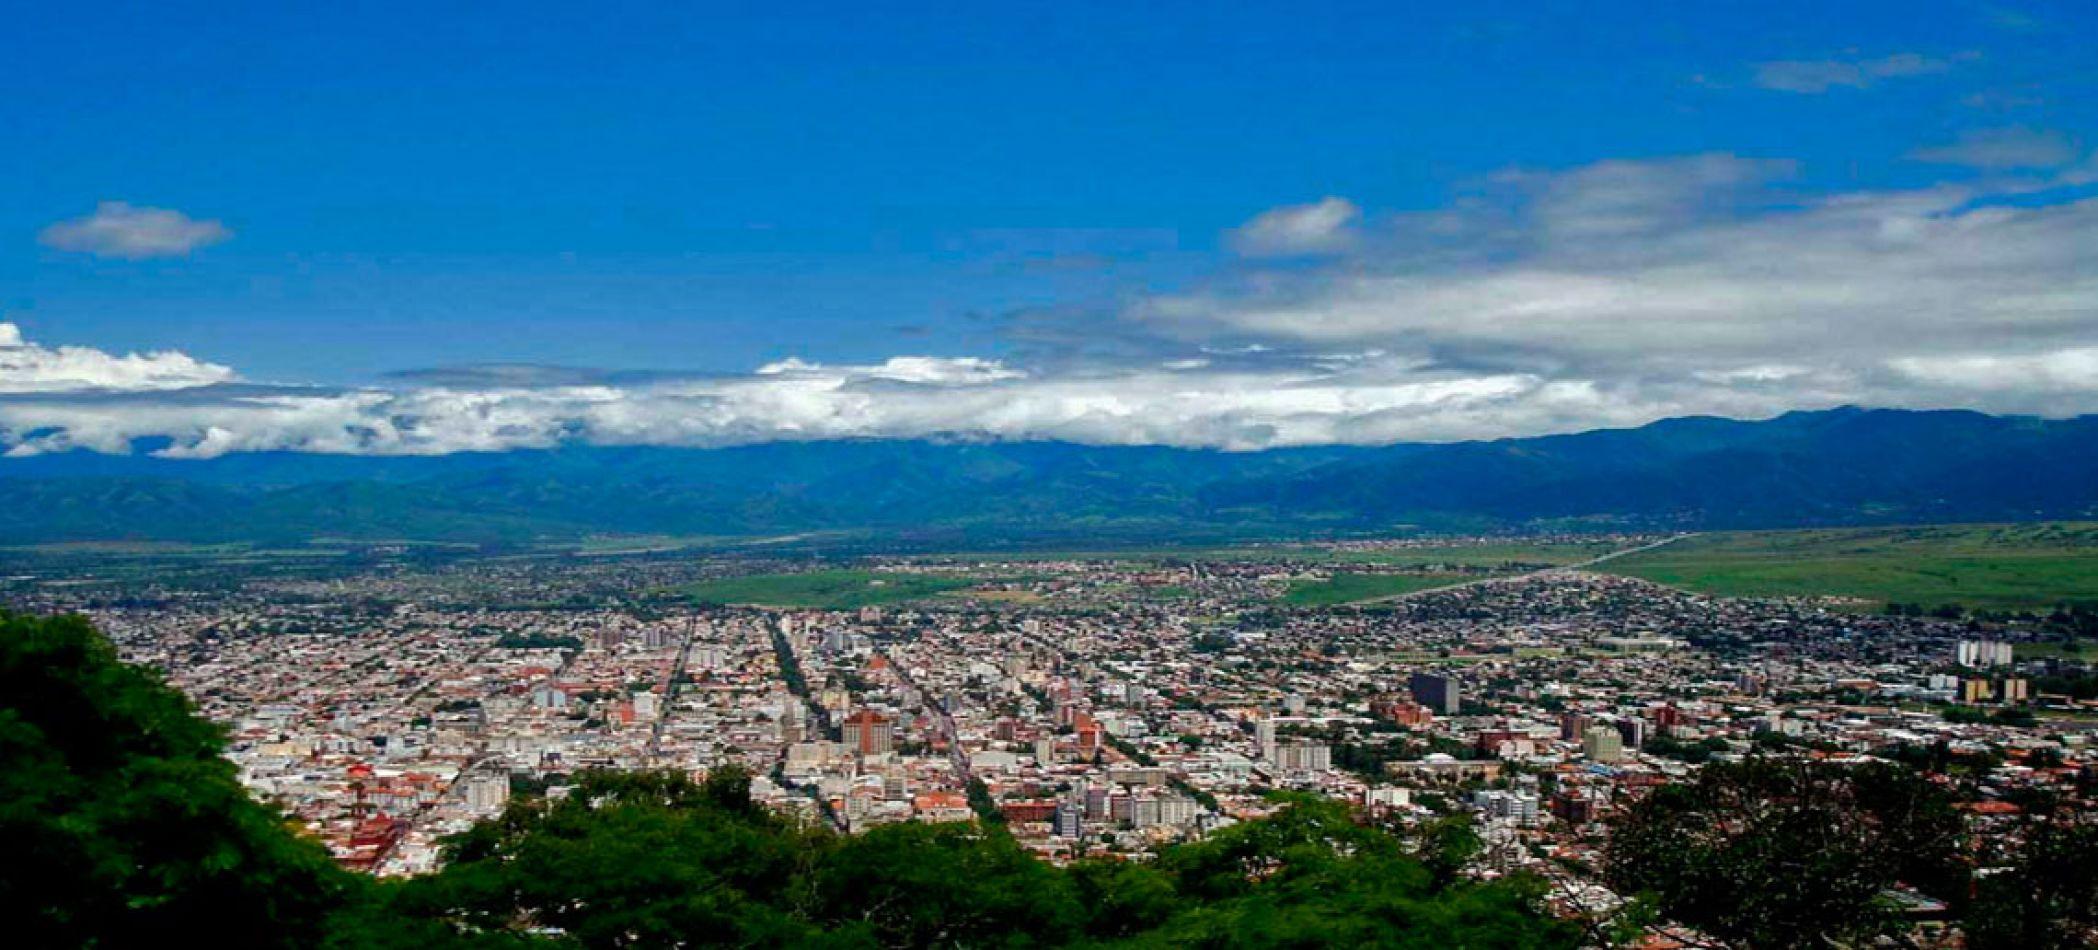 Ciudad-de-Salta-16